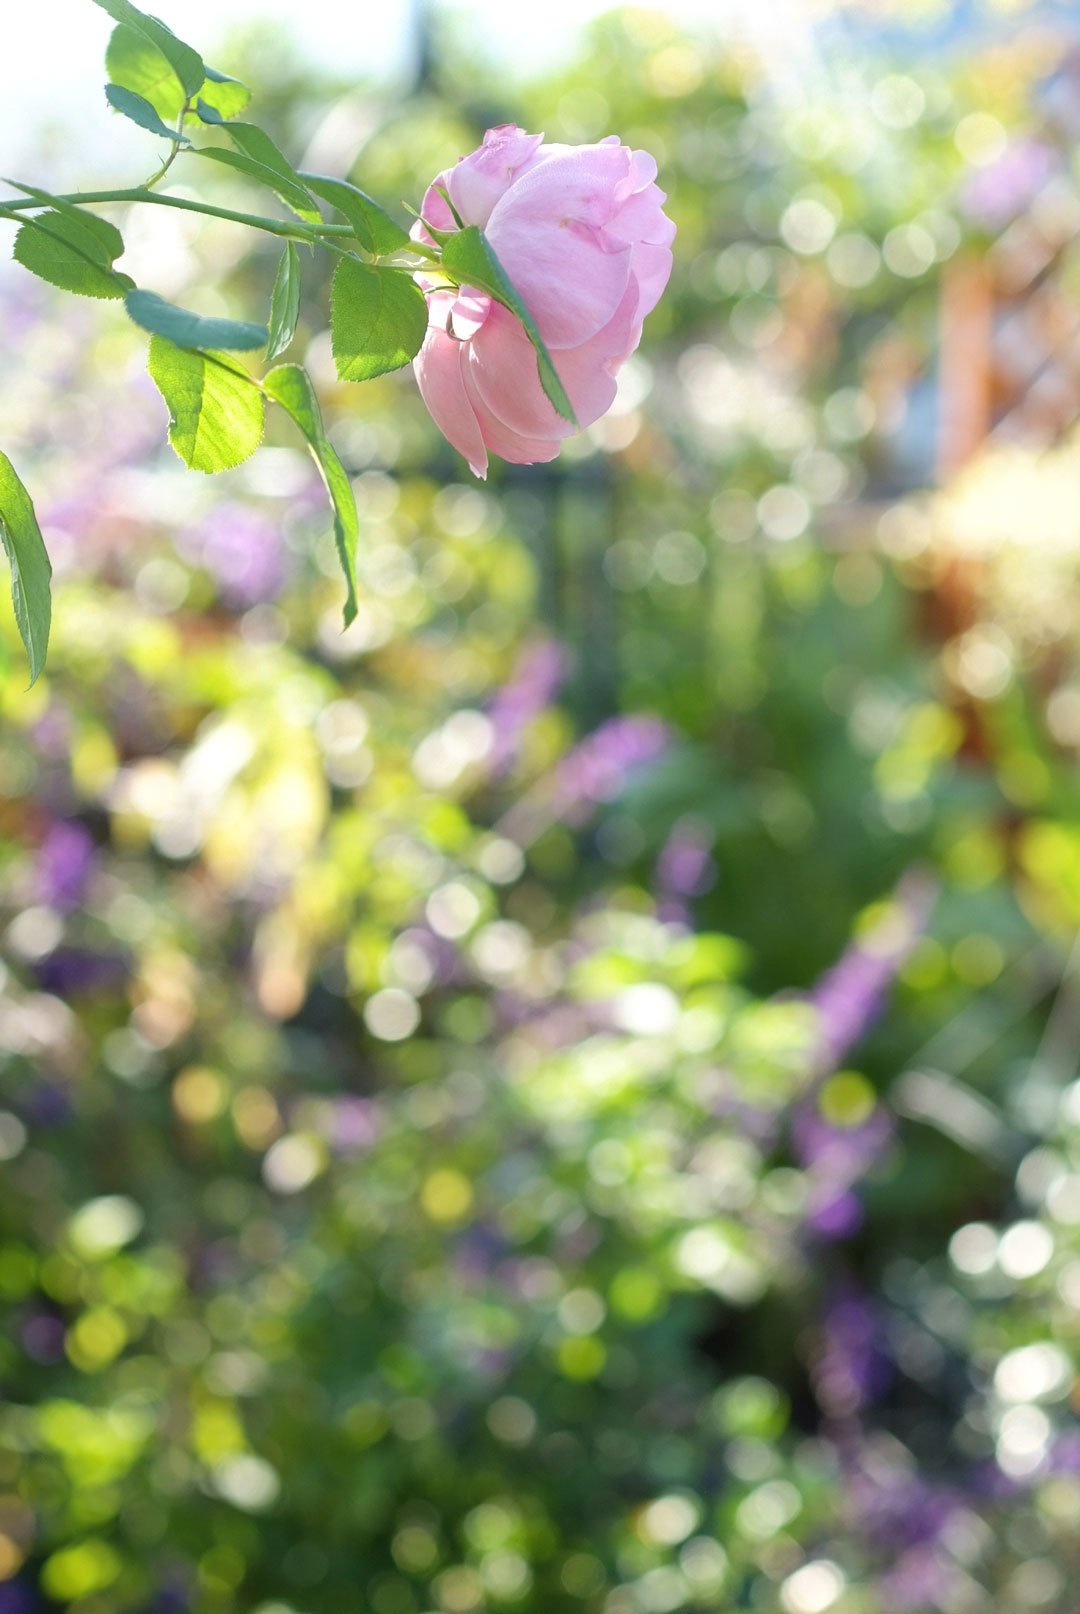 秋バラの咲く庭と野ブドウ(10月21日)_b0075541_11574872.jpg